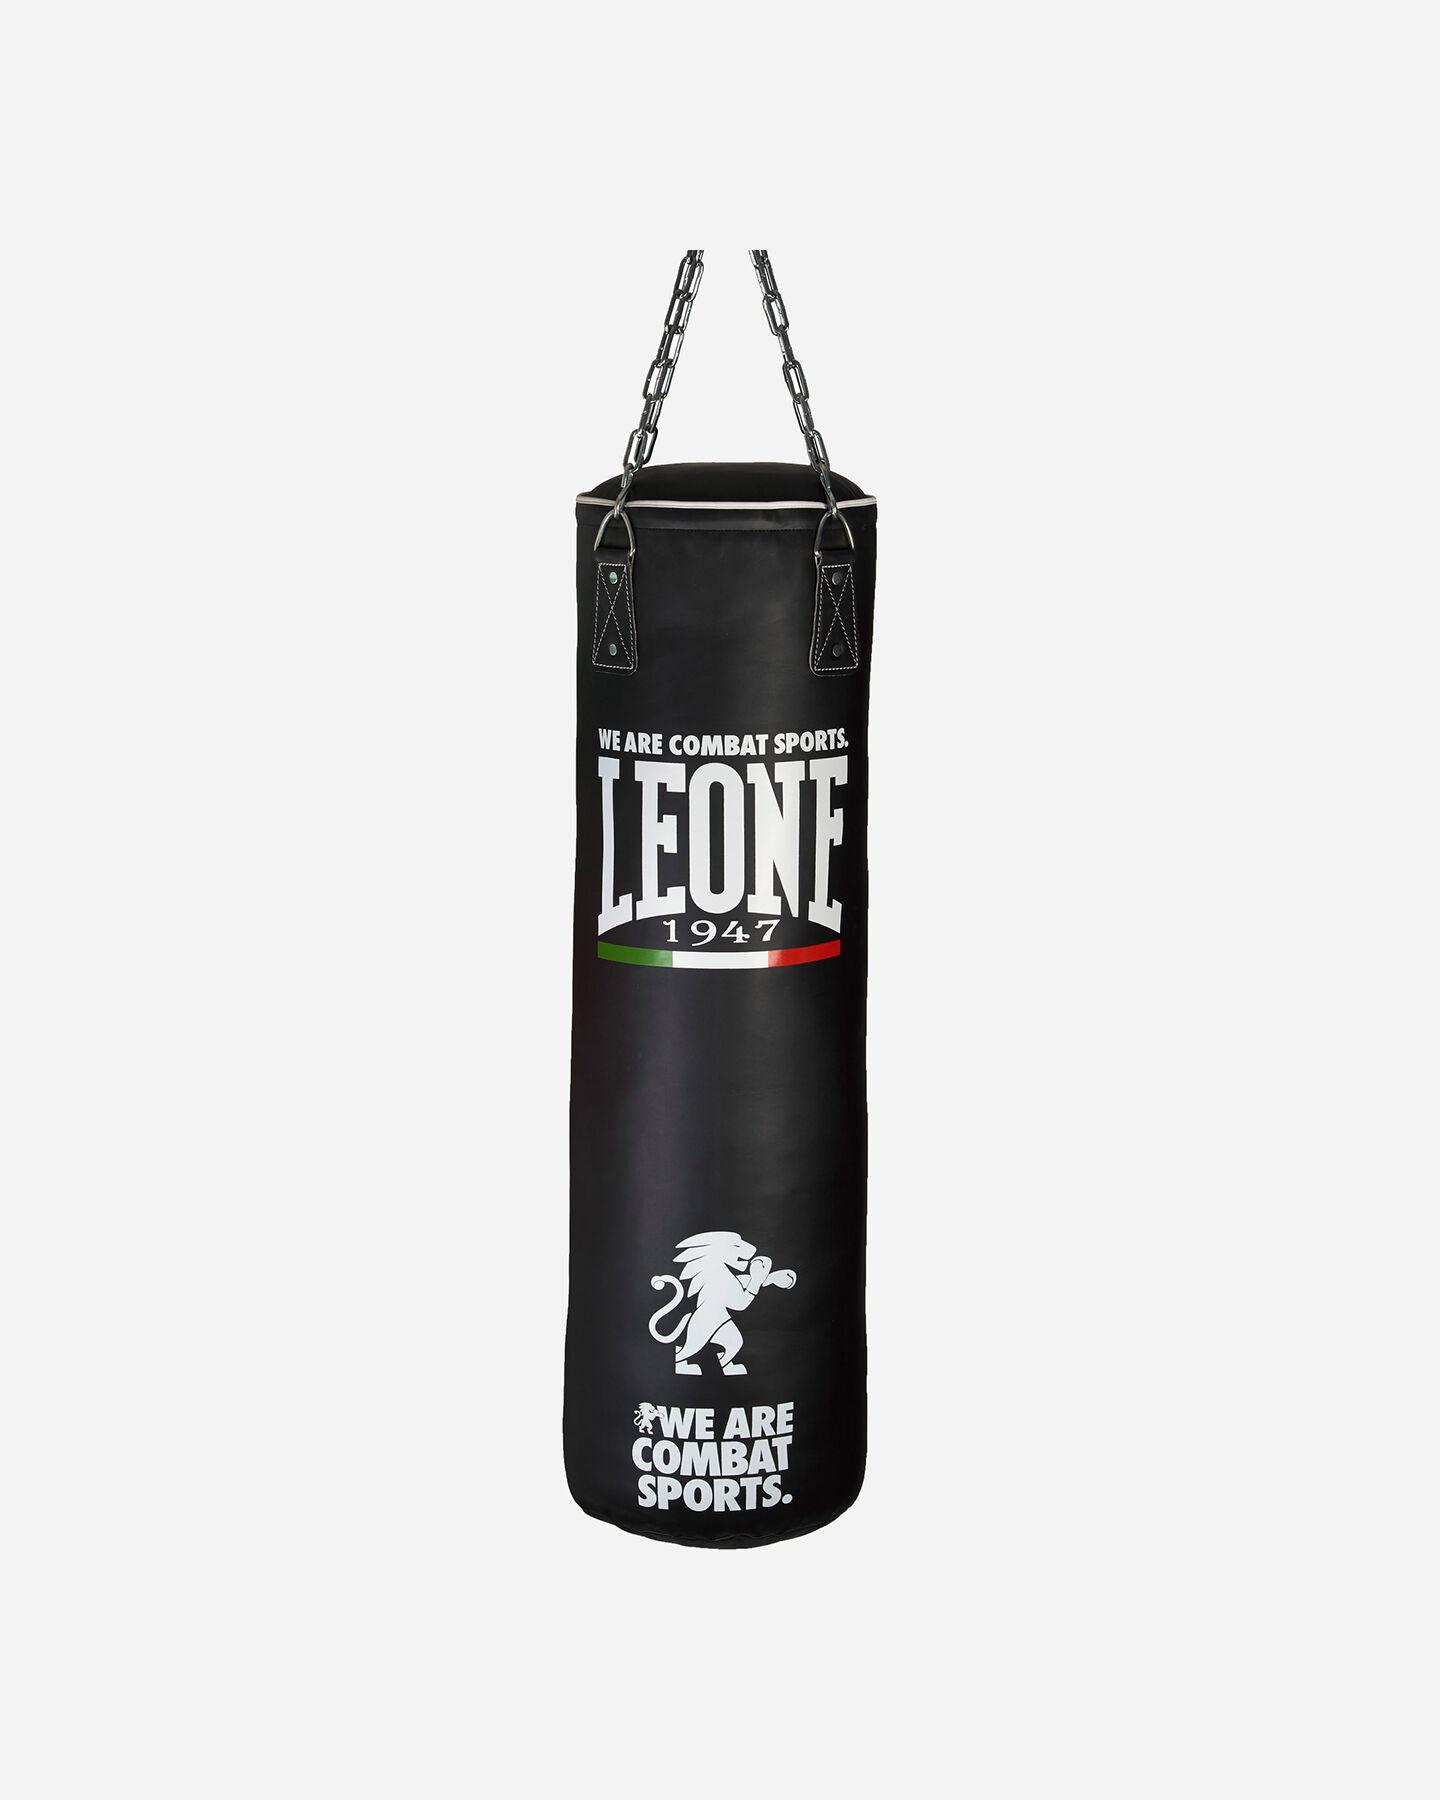 Sacco boxe LEONE SACCO 30KG S1257399|1|UNI scatto 0